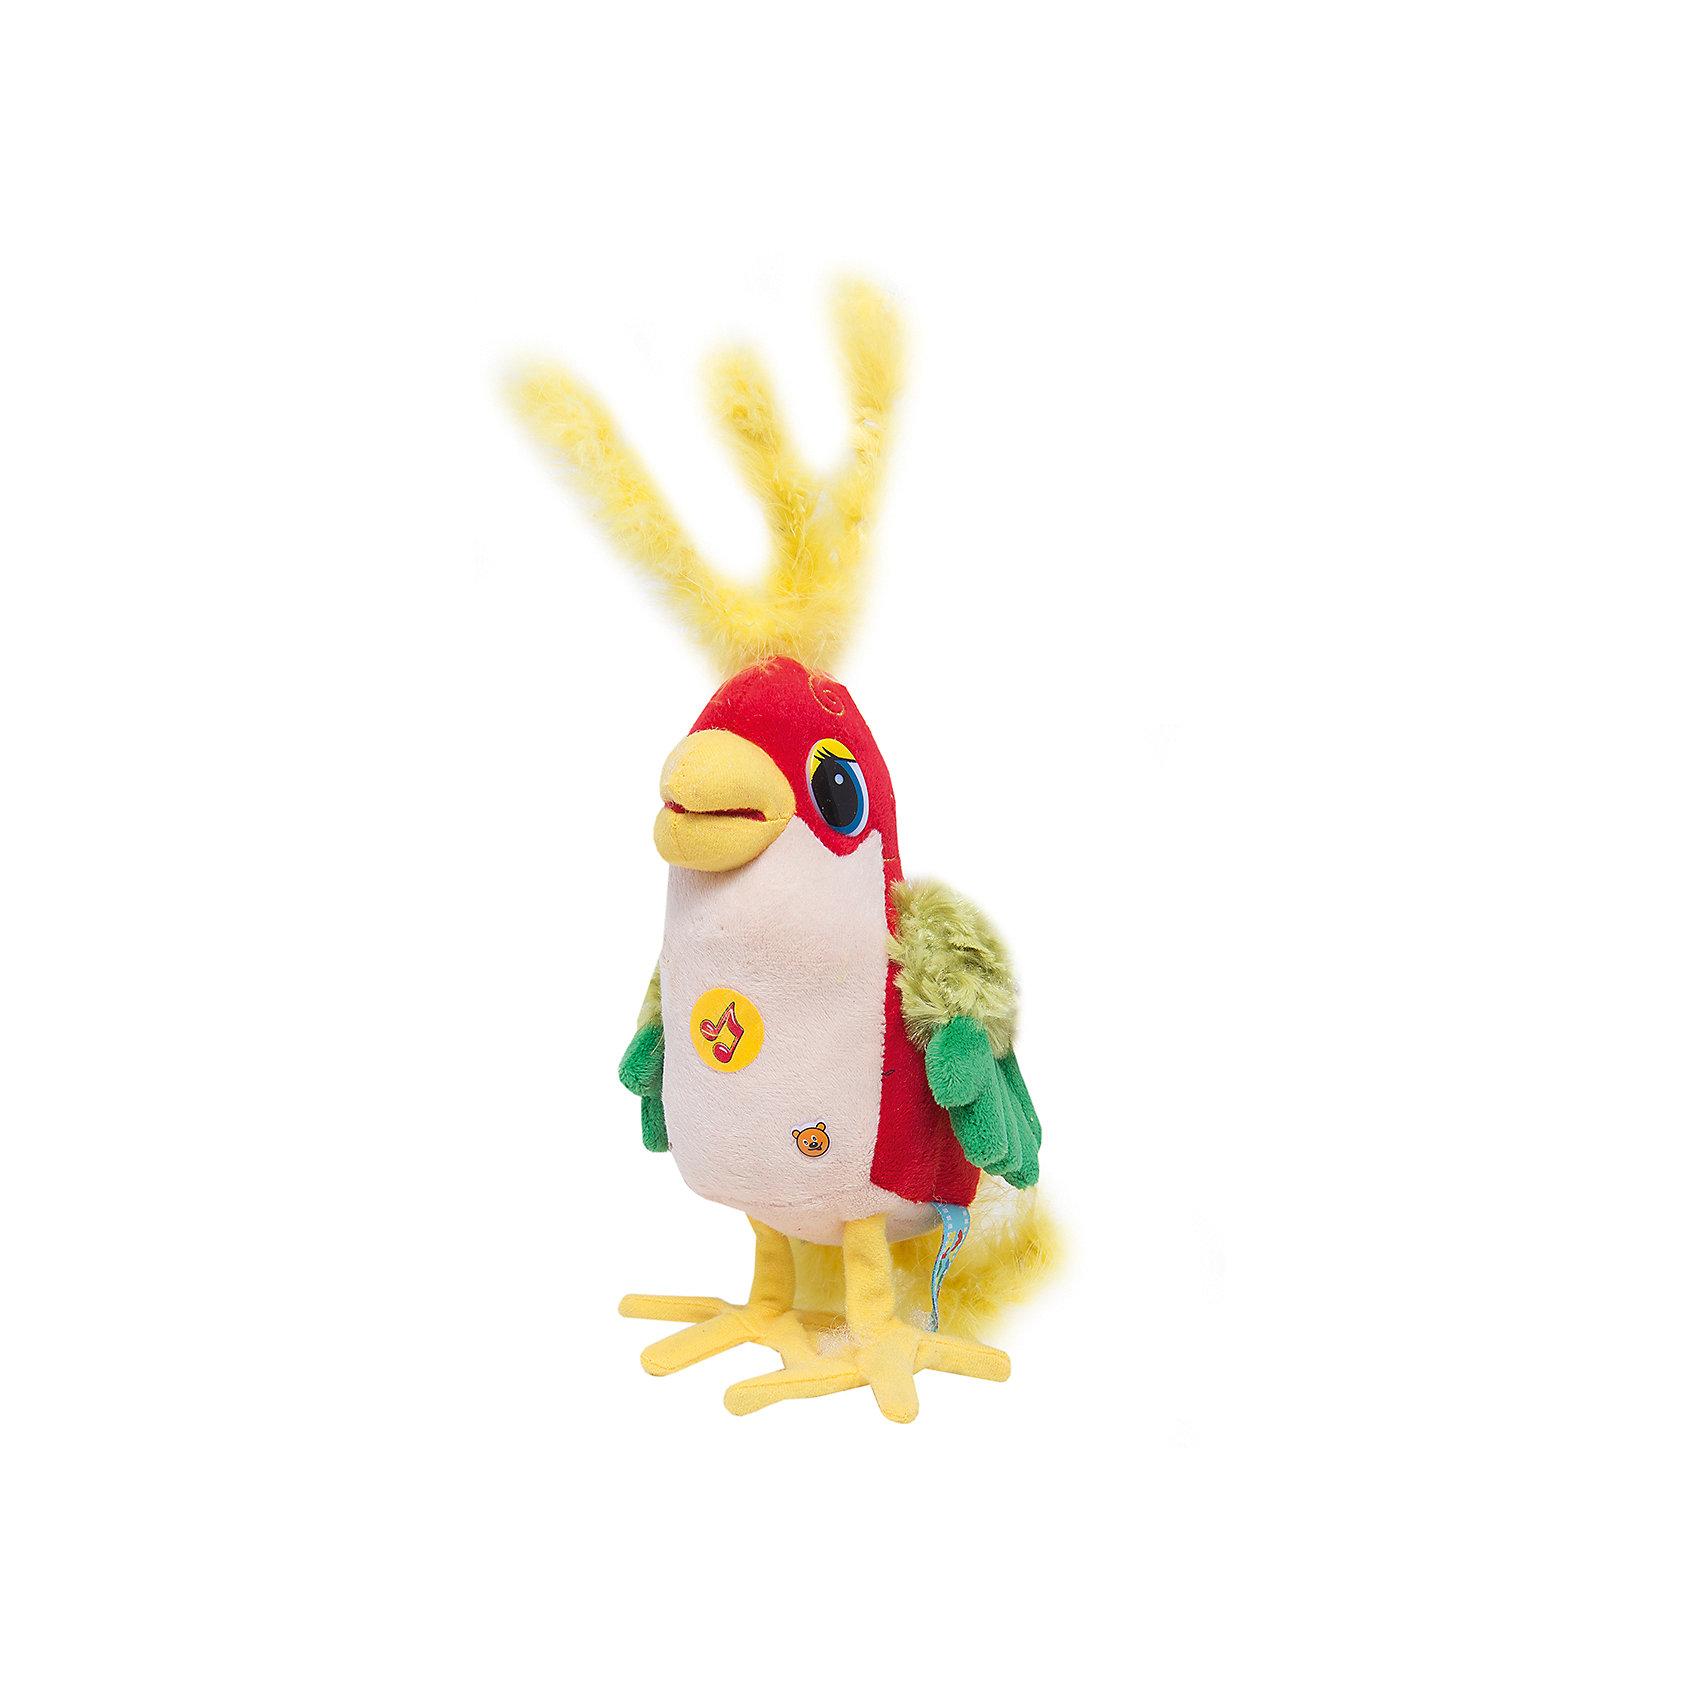 Мягкая игрушка Попугай, 20 см, 38 попугаев, МУЛЬТИ-ПУЛЬТИЛюбимые герои<br>Мягкая игрушка Попугай от Мульти-Пульти порадует и повеселит Вашего ребенка. Забавный попугай из мультфильма 38 попугаев очень важный и постоянно всех поучает. Нажав на игрушку, малыш услышит фразы и песенку из любимого мультфильма.<br><br>Дополнительная информация:<br><br>- Материал: текстиль.<br>- Требуются батарейки: 3xLR44 (входят в комплект).<br>- Размер: 20 см.<br>- Размер упаковки: 12 х 20 х 10 см.<br>- Вес: 0,145 кг.<br><br>Мягкую игрушку Попугай из мультфильма 38 попугаевот Мульти-Пульти можно купить в нашем магазине.<br><br>Ширина мм: 90<br>Глубина мм: 120<br>Высота мм: 200<br>Вес г: 210<br>Возраст от месяцев: 12<br>Возраст до месяцев: 72<br>Пол: Унисекс<br>Возраст: Детский<br>SKU: 2149156